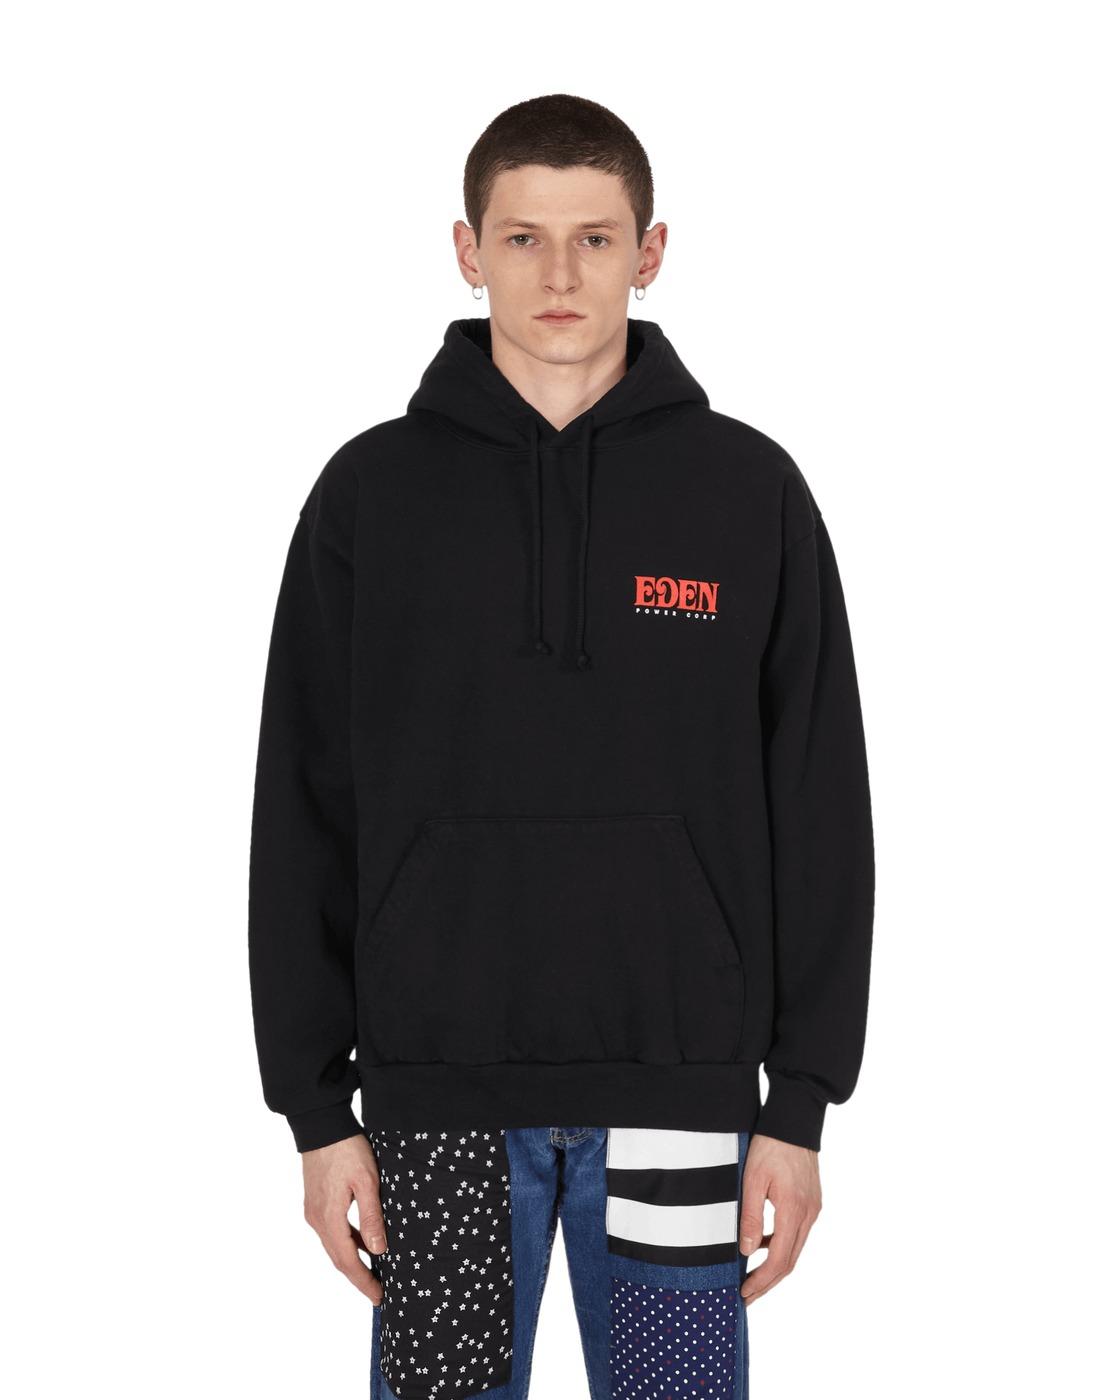 Eden Power Corp Eden Recycled Hooded Sweatshirt Black